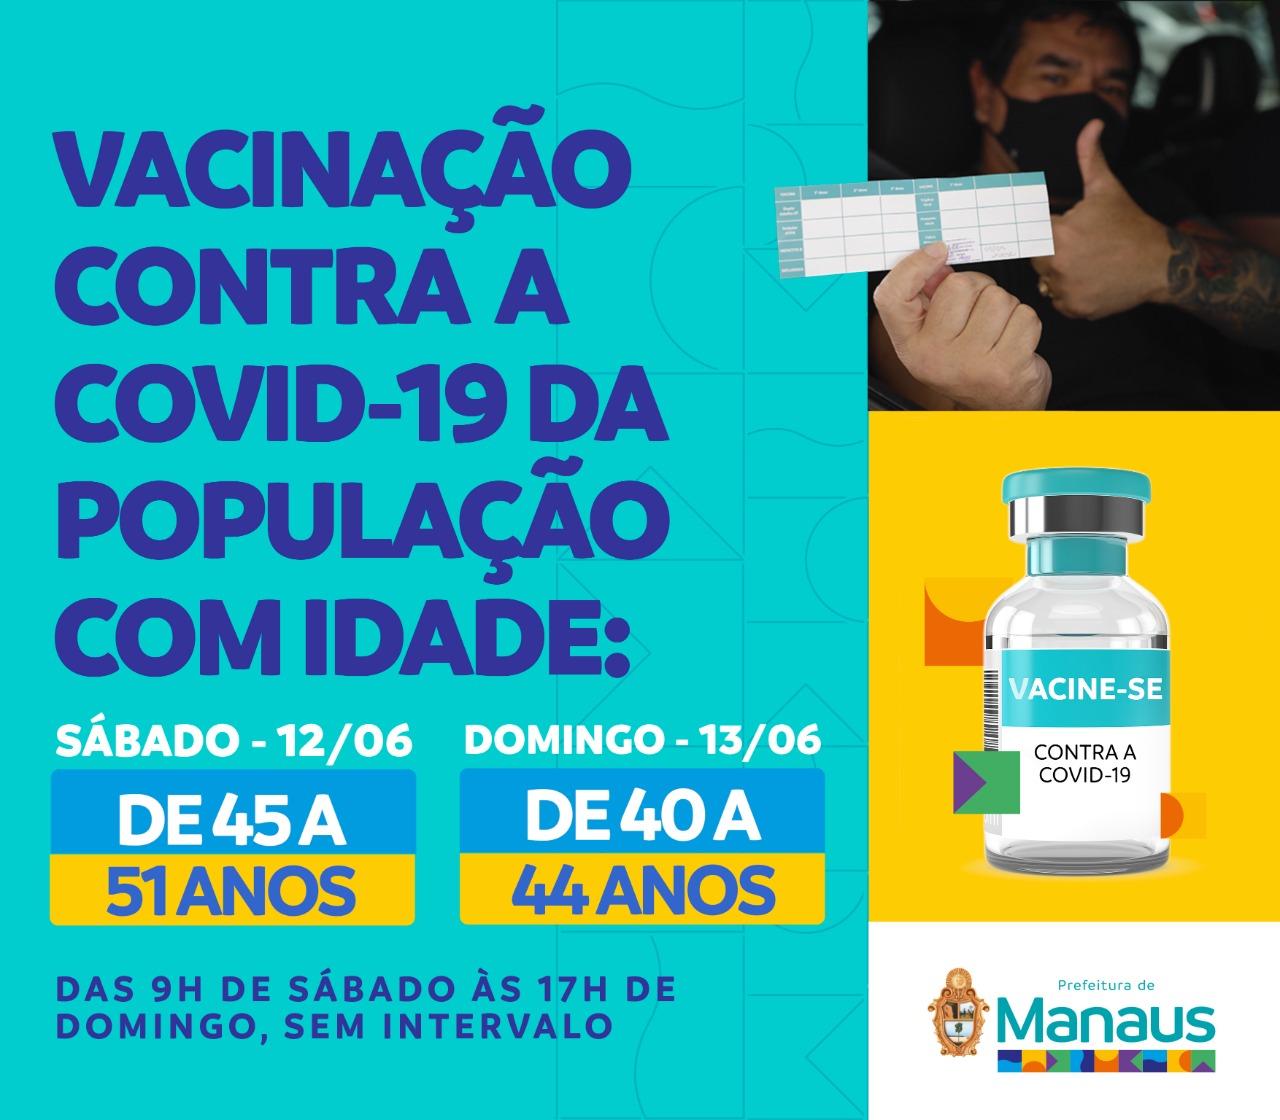 Combate à Covid-19: População de 40 a 51 anos terá 57 postos disponíveis para se vacinar neste fim de semana